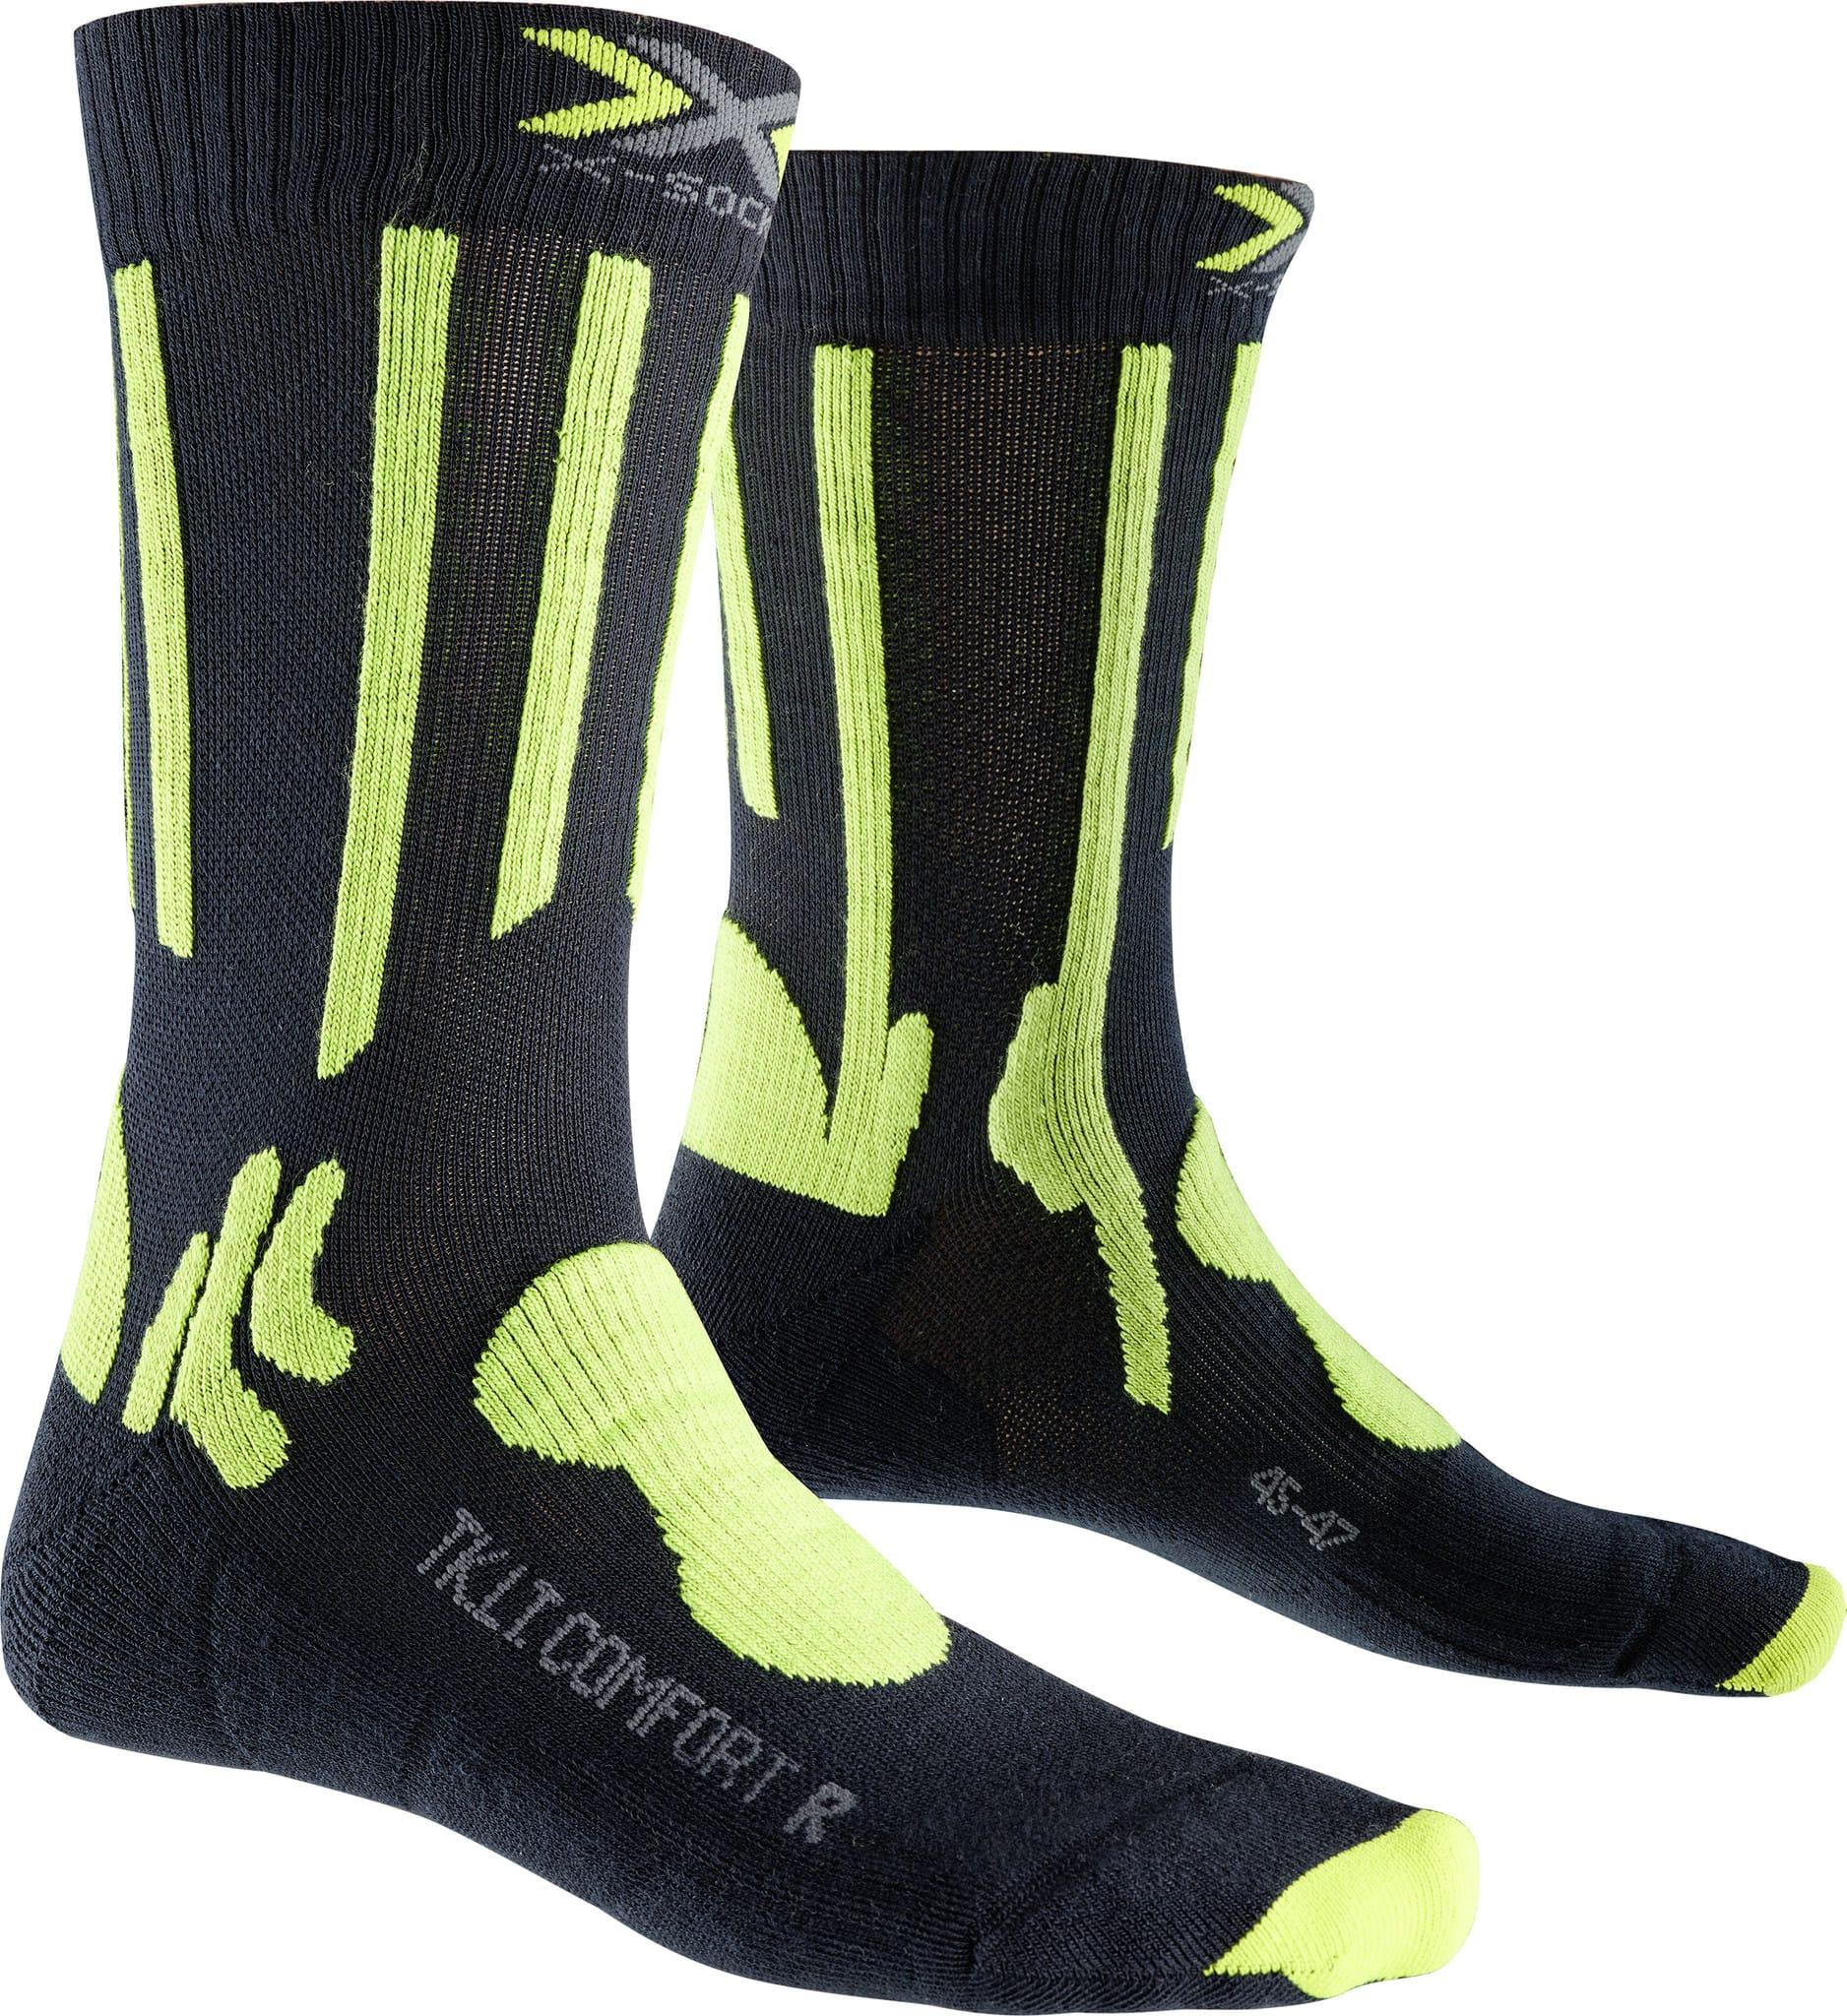 X-Socks - Trekking Light - Socks - Men's